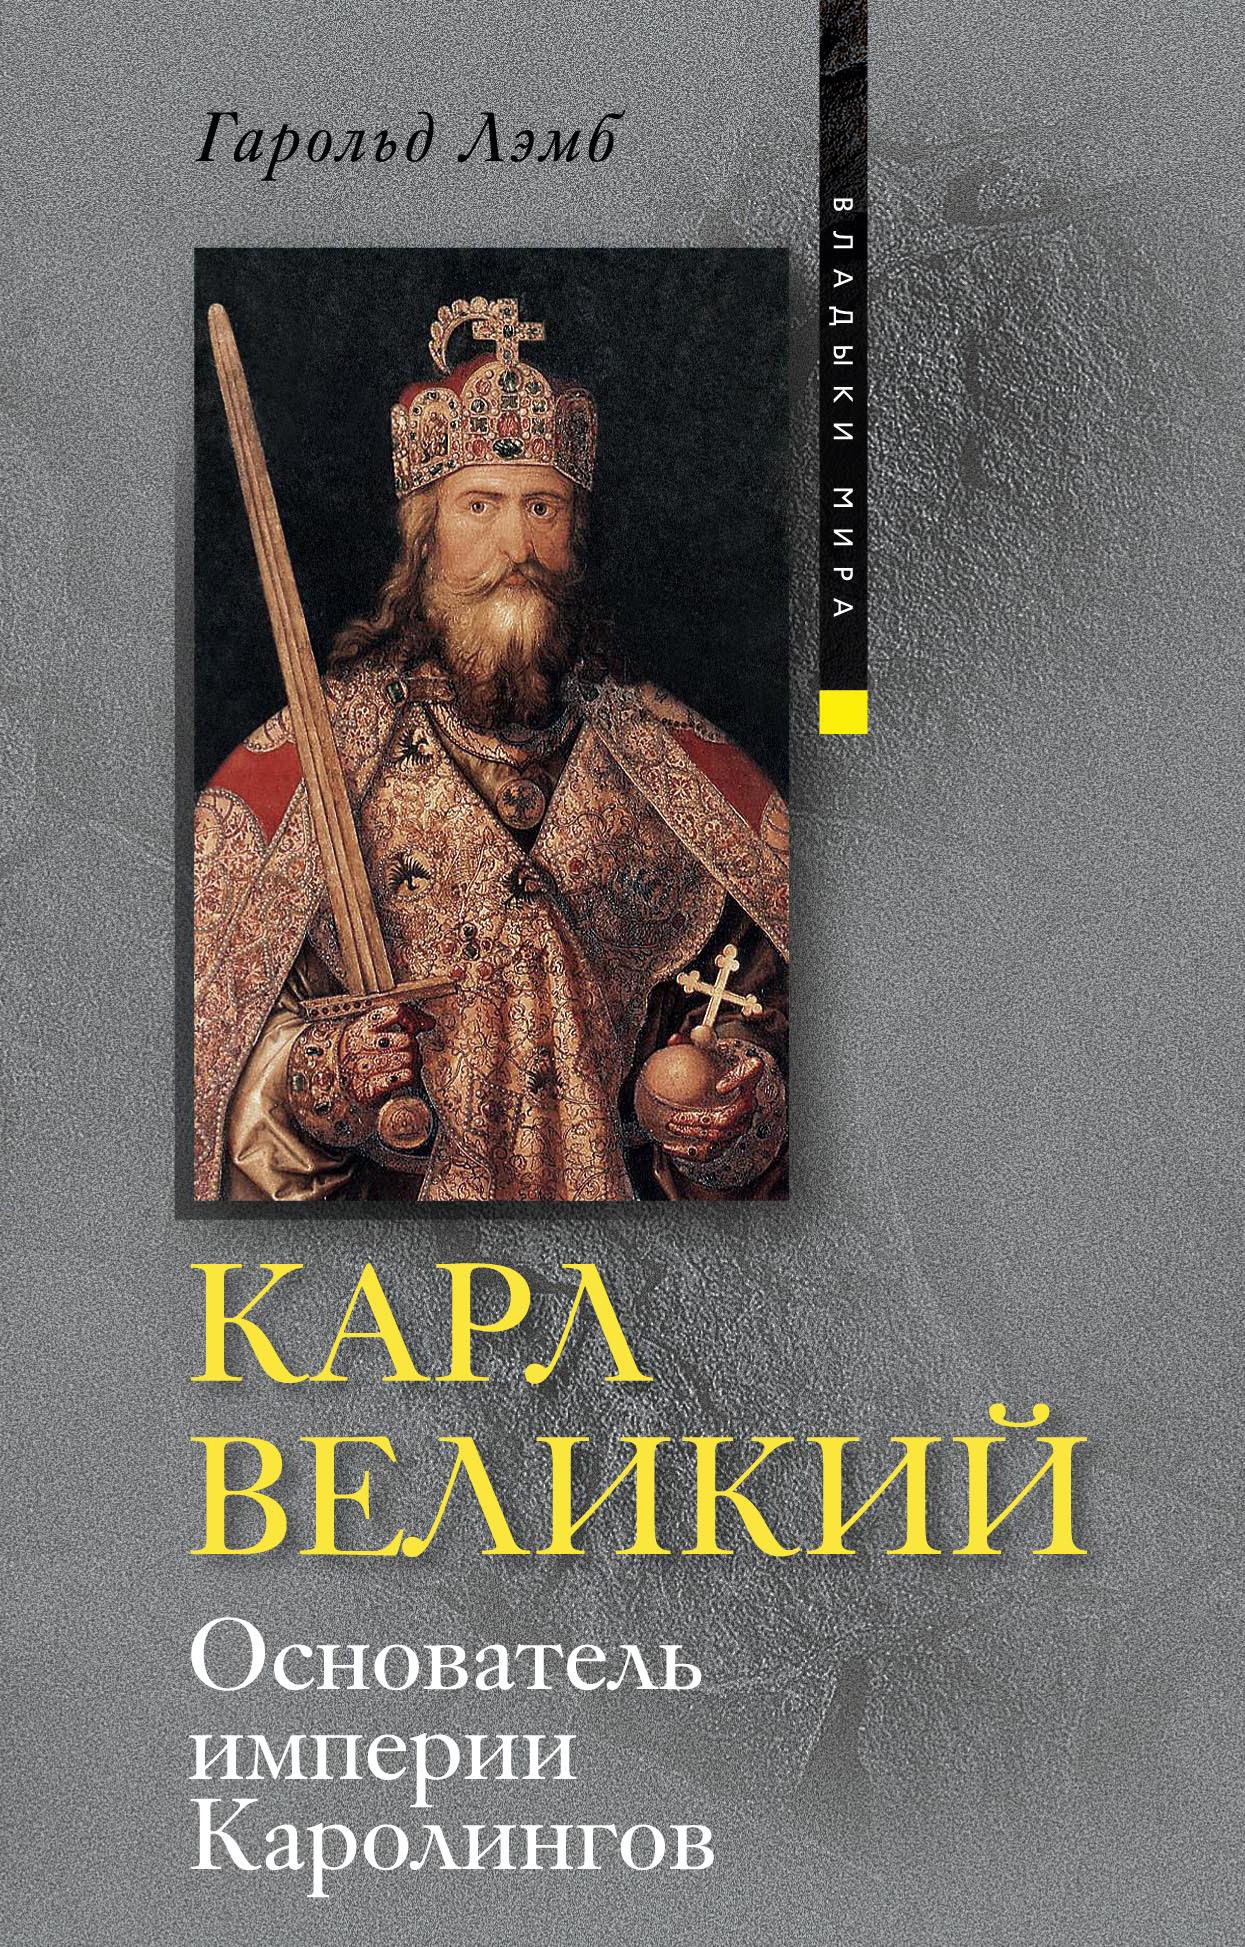 Гарольд Лэмб Карл Великий. Основатель империи Каролингов король франков